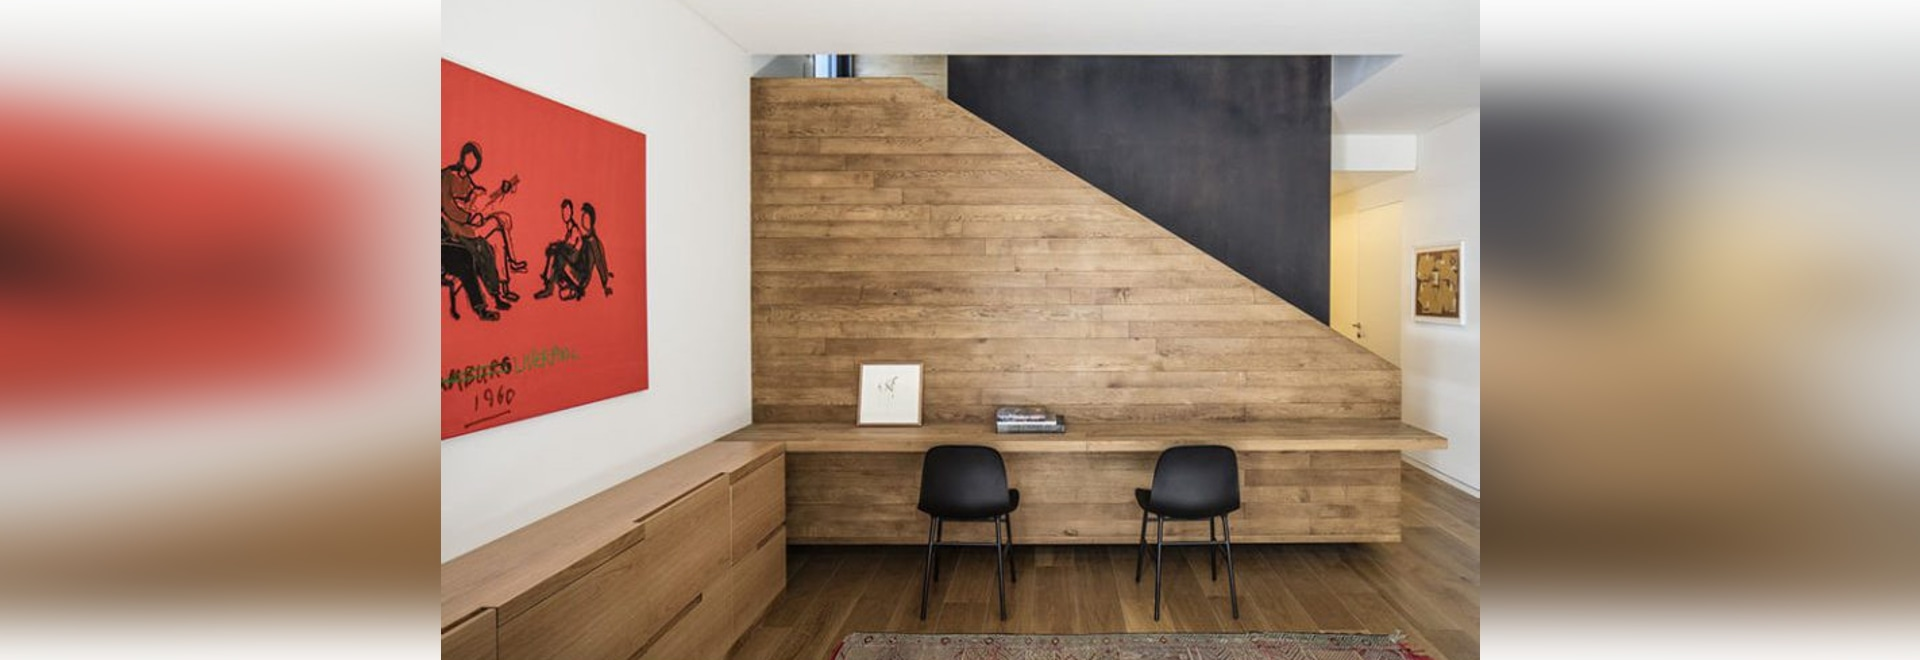 Idee di interior design – costruisca uno scrittorio su uno spazio inutilizzato della parete